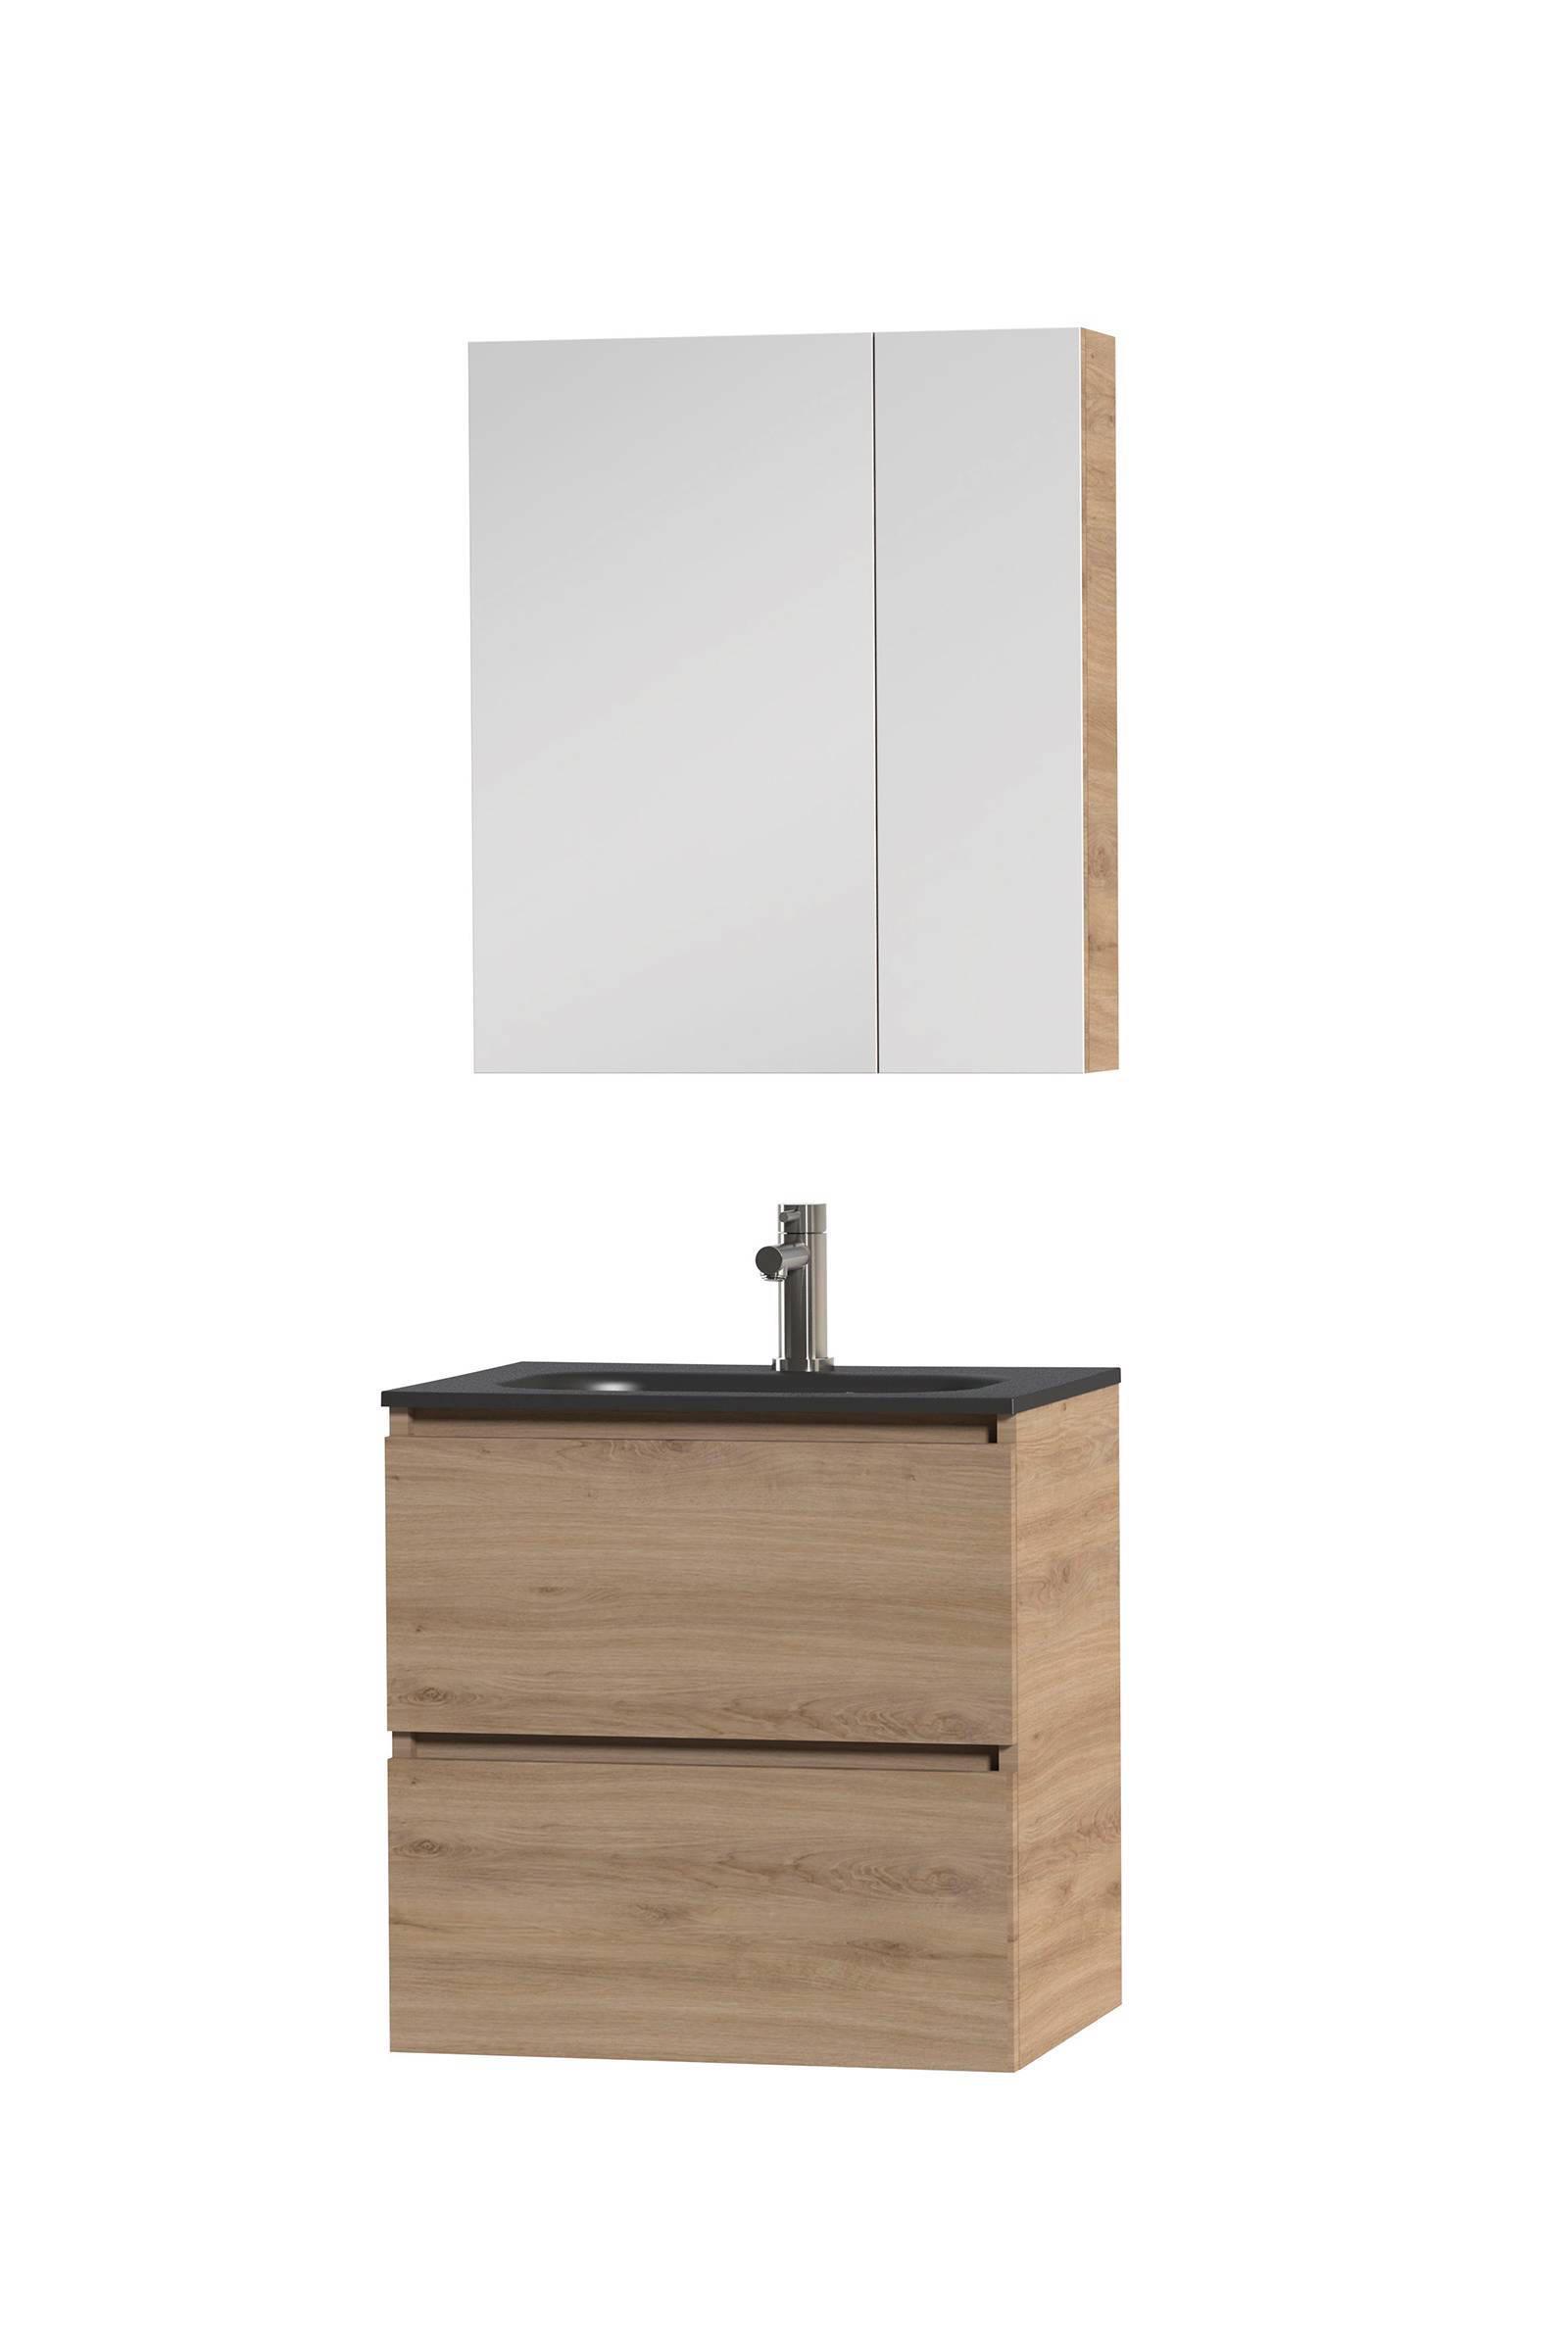 Badmeubel 60 Cm Met Spiegelkast.Loft Badkamermeubel 60cm Met Spiegelkast En Zwarte Wastafel